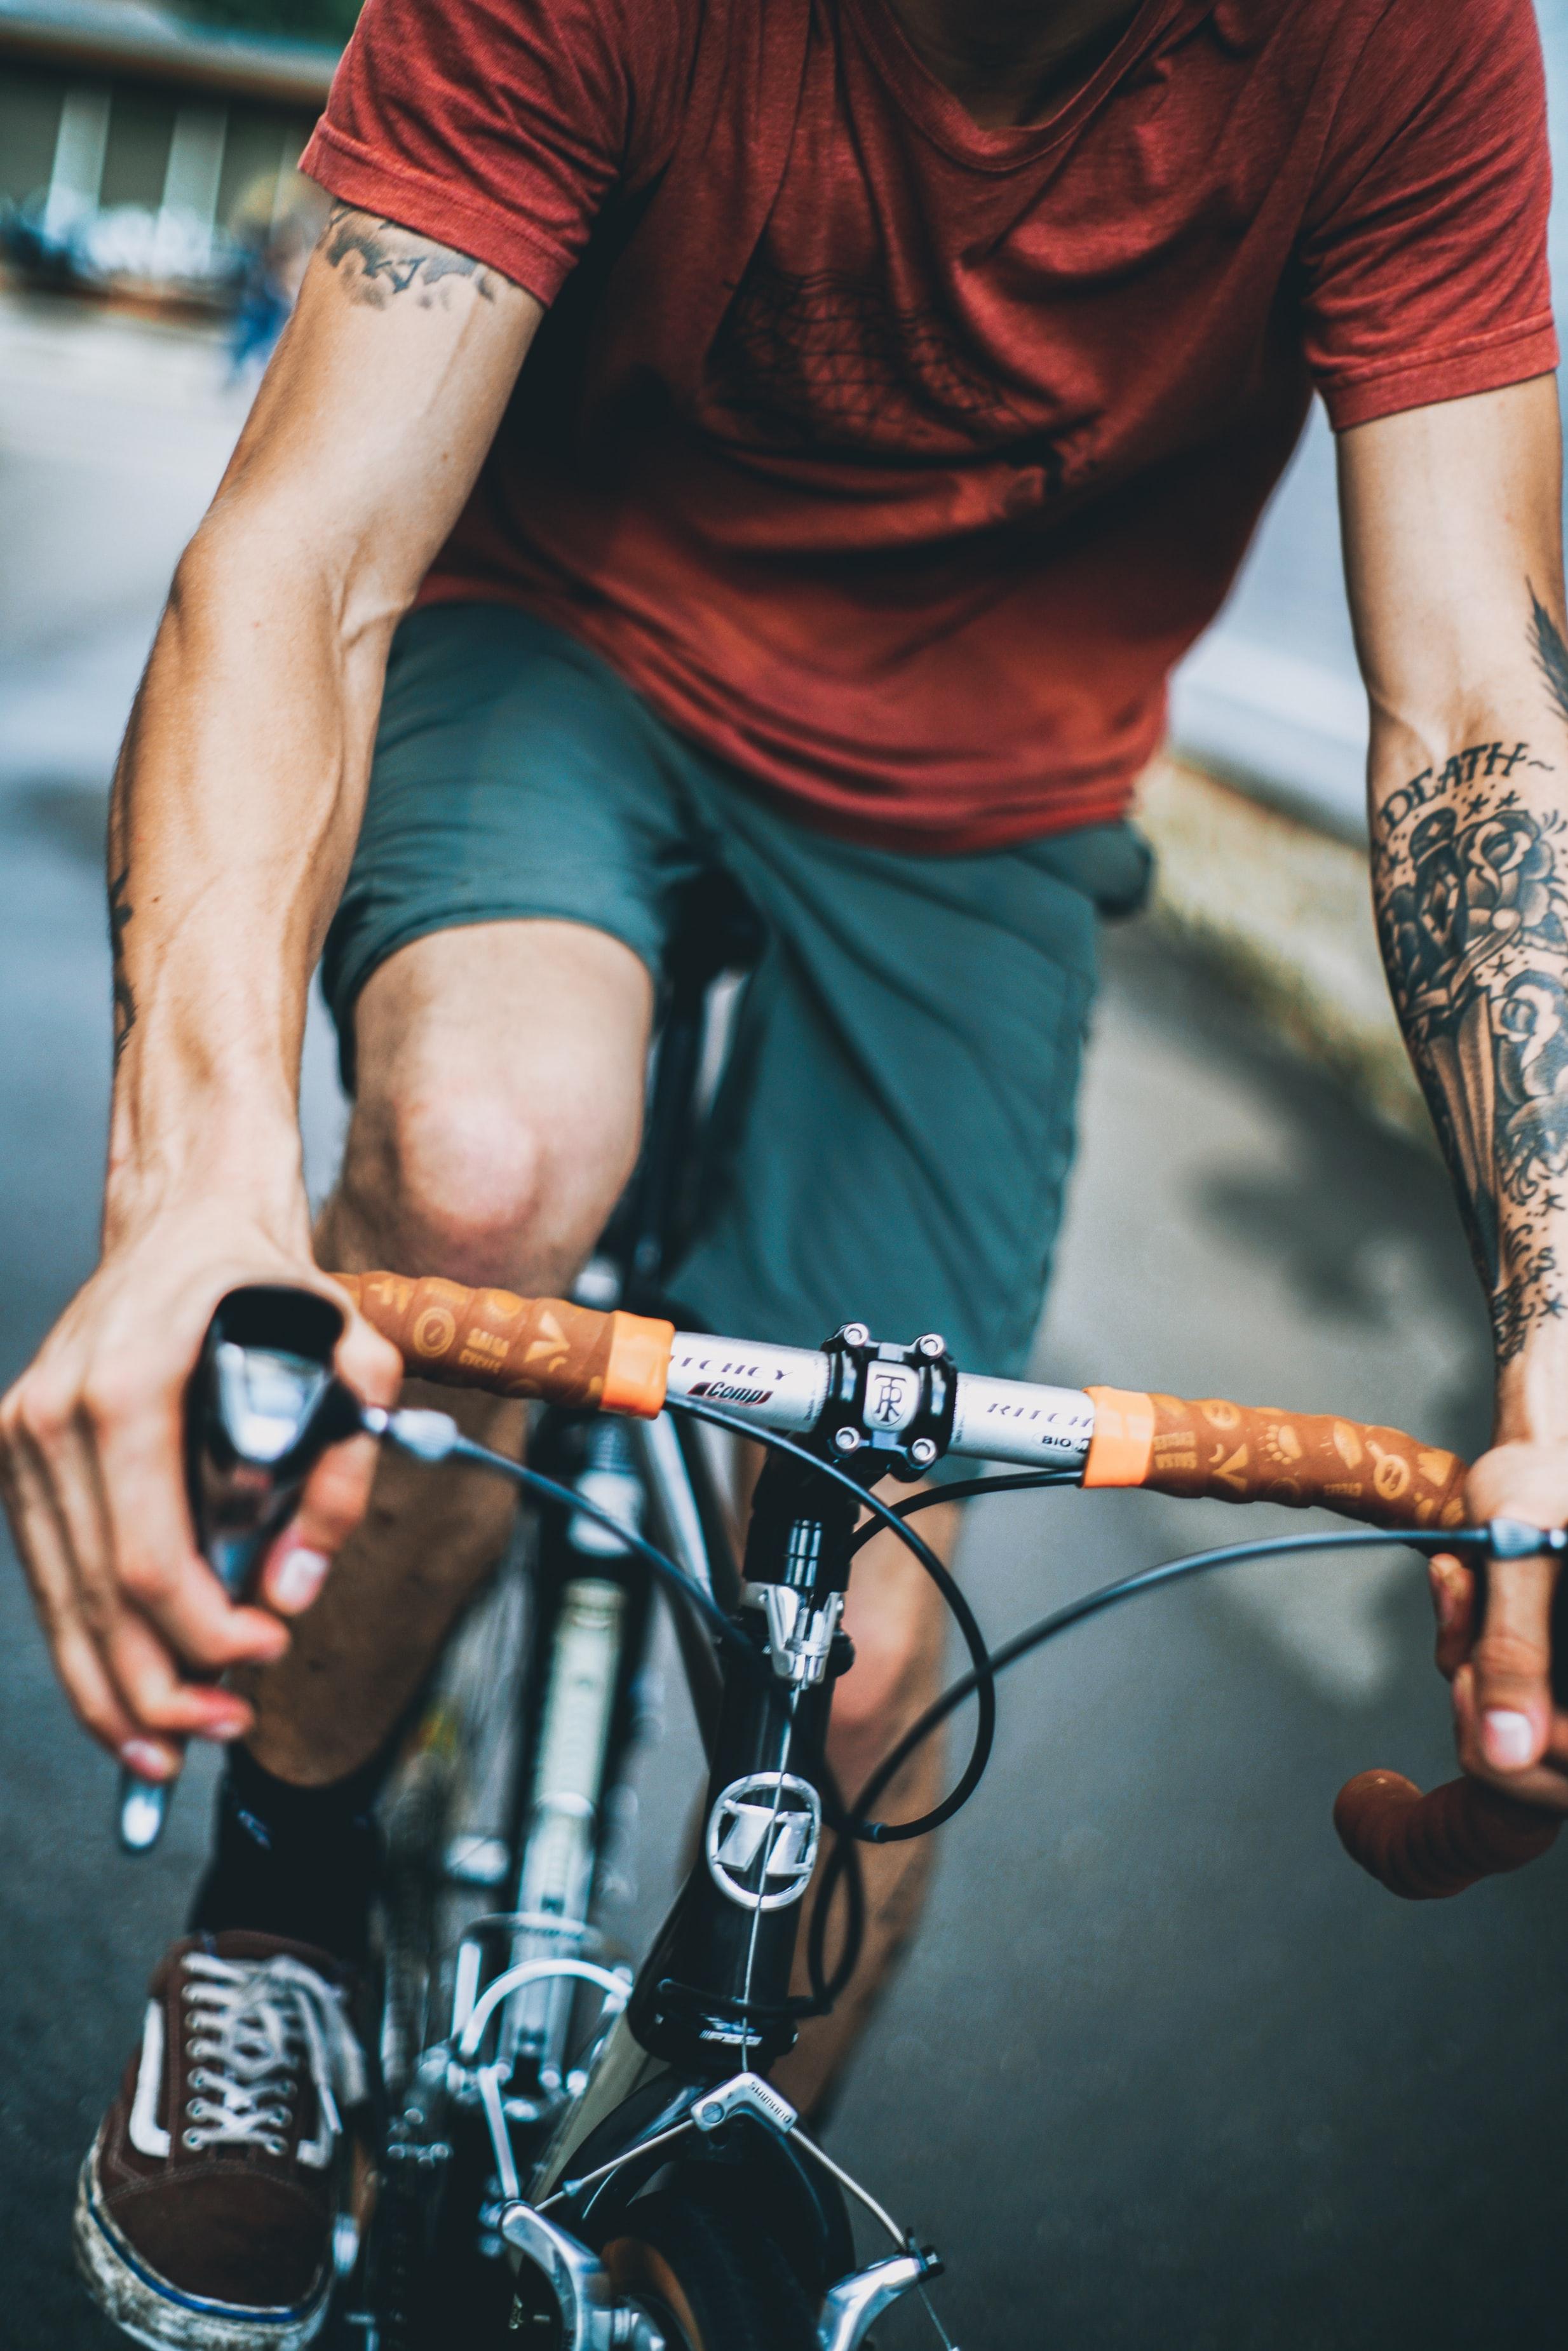 mountainbike ombouwen tot e-bike